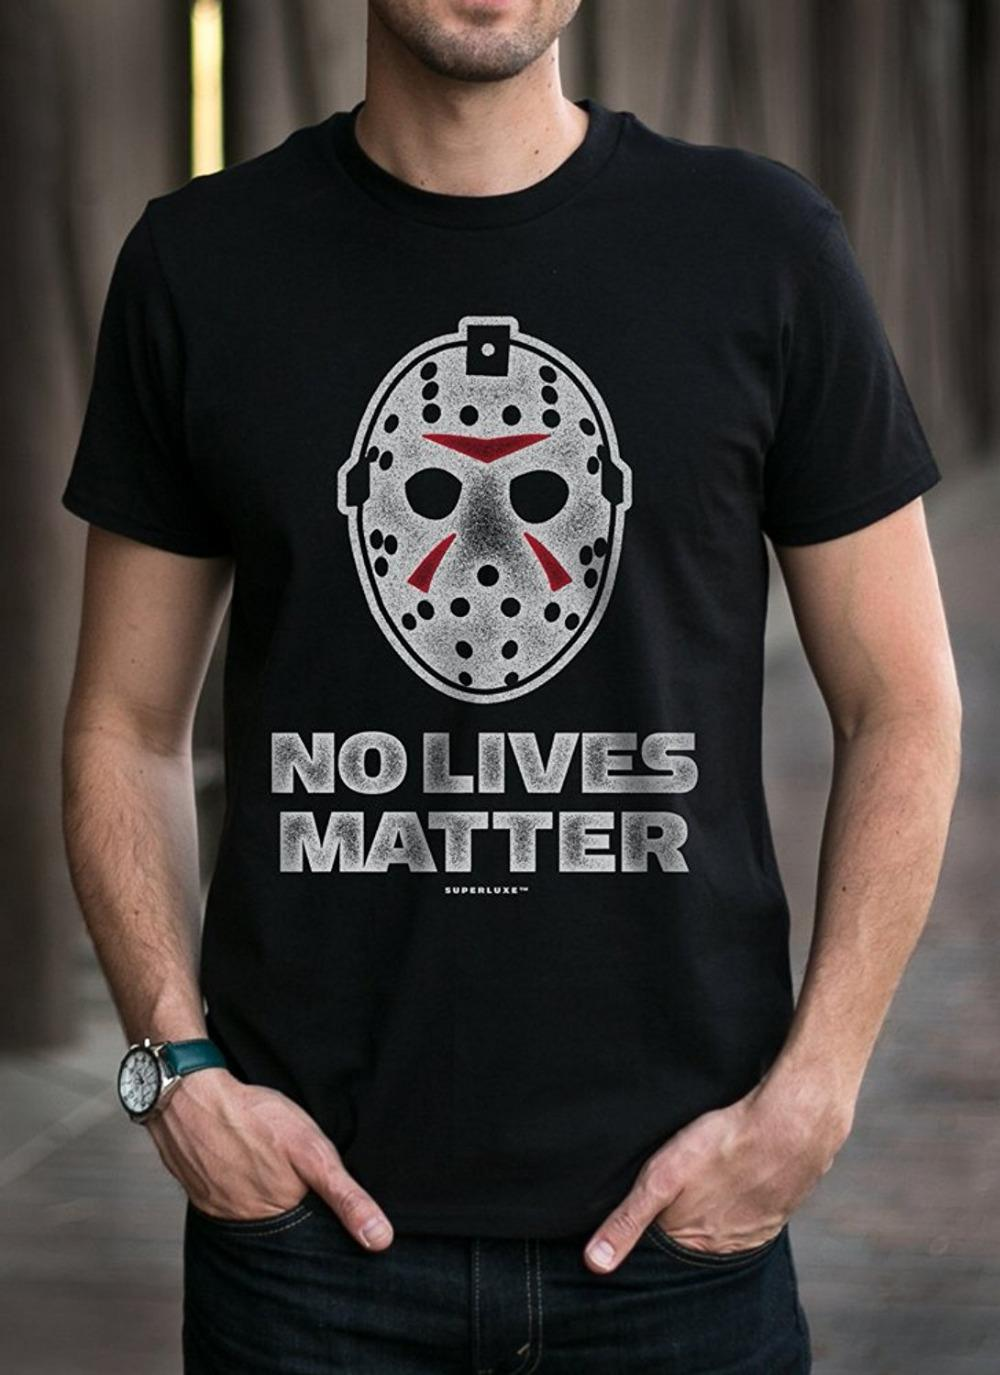 2019 Yeni Yaz Tee Gömlek SuperluxeTrade Erkek Yok Hayatlar Matter kayaklar Tişört Moda tişört Maske